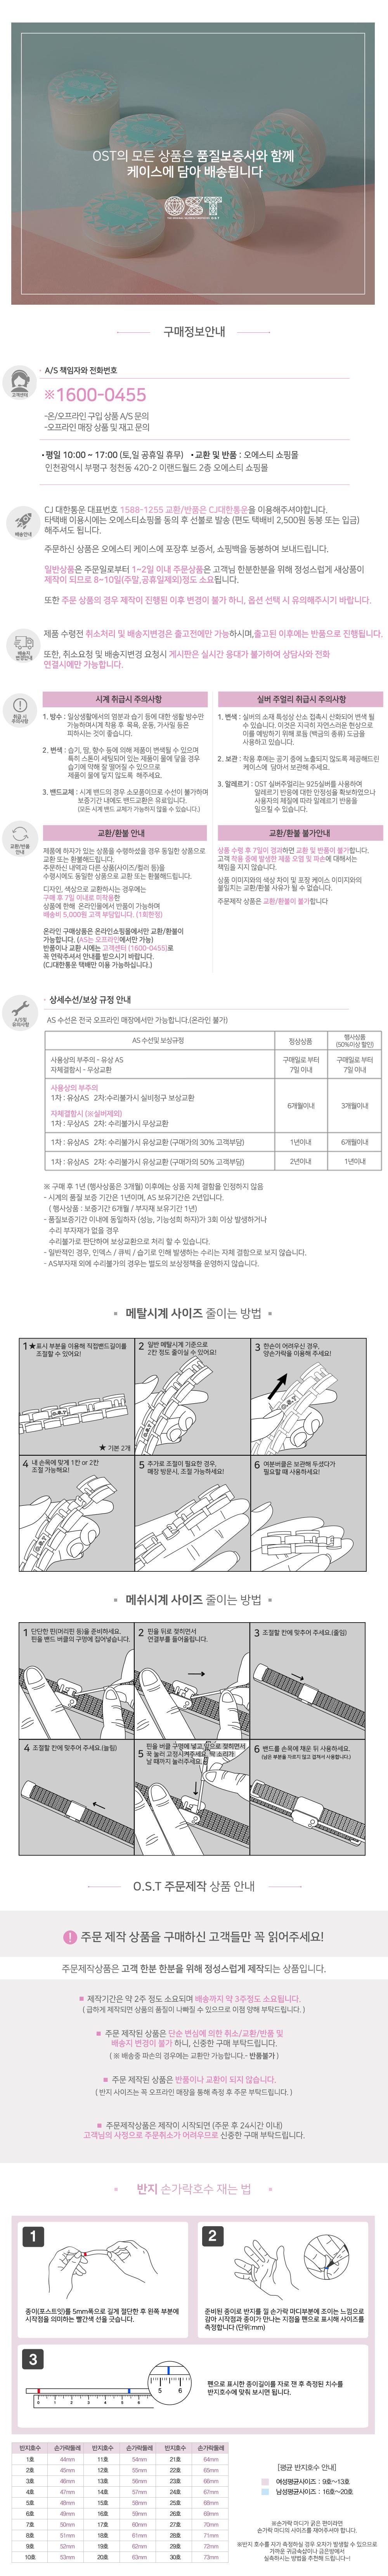 오에스티(OST) 북두칠성 여성 실버 메탈시계 OTW119V02TSS